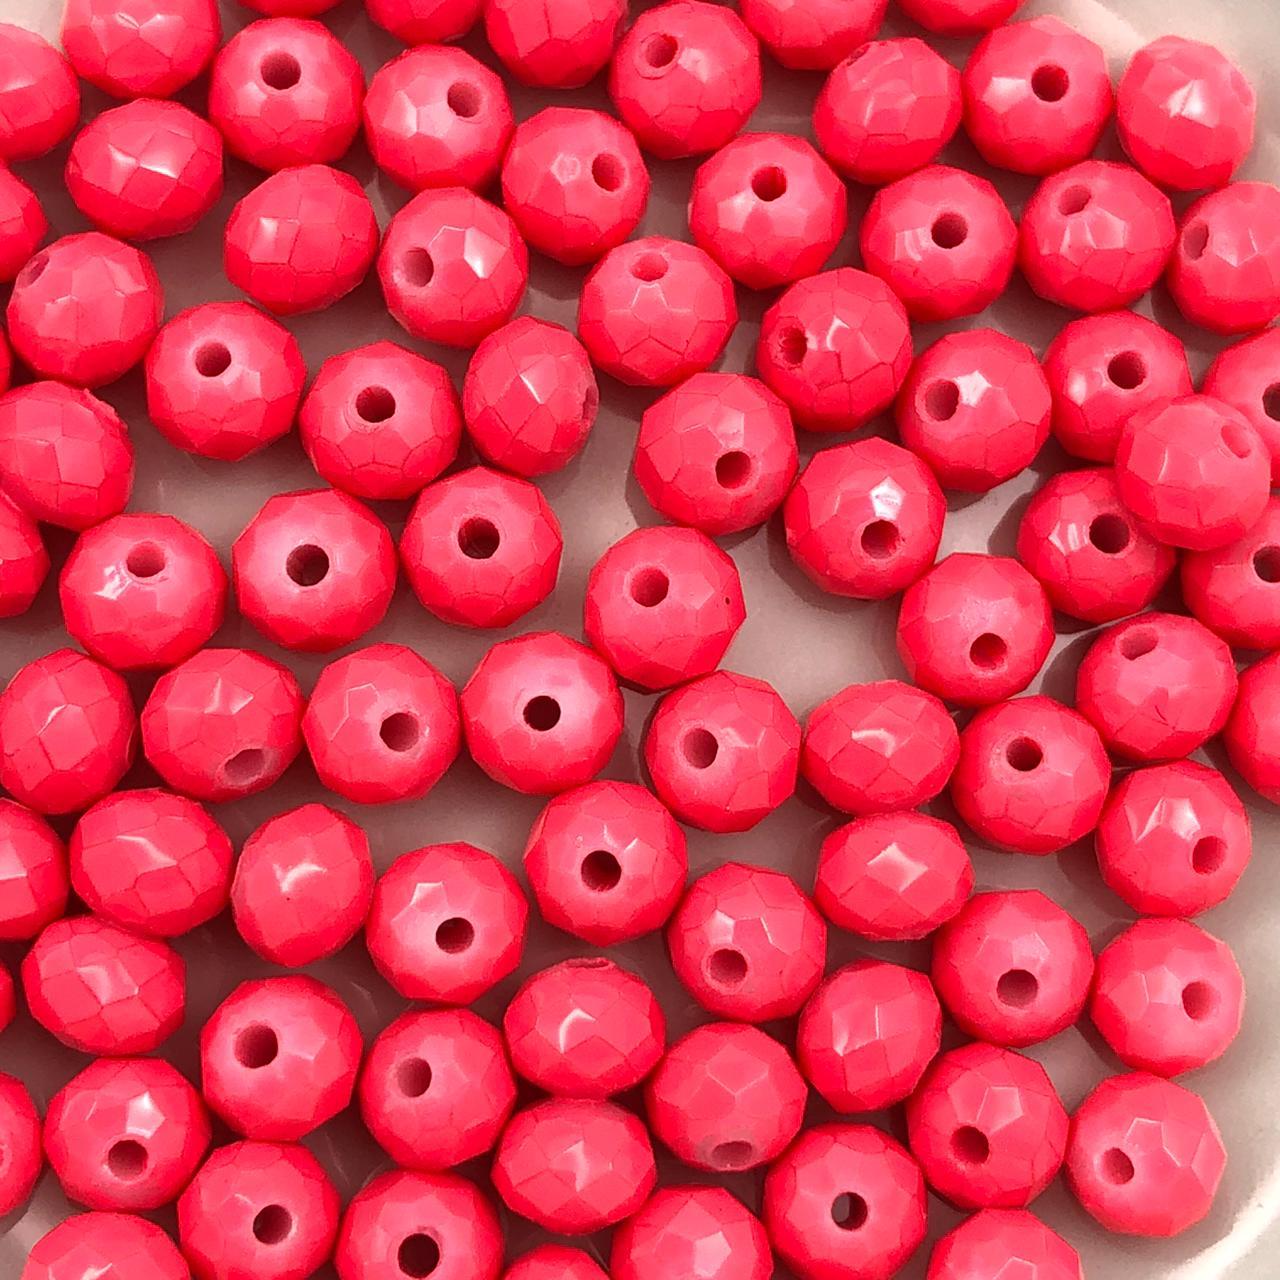 CRT615 - Cristal Rosa Neon 6mm - 90Unids